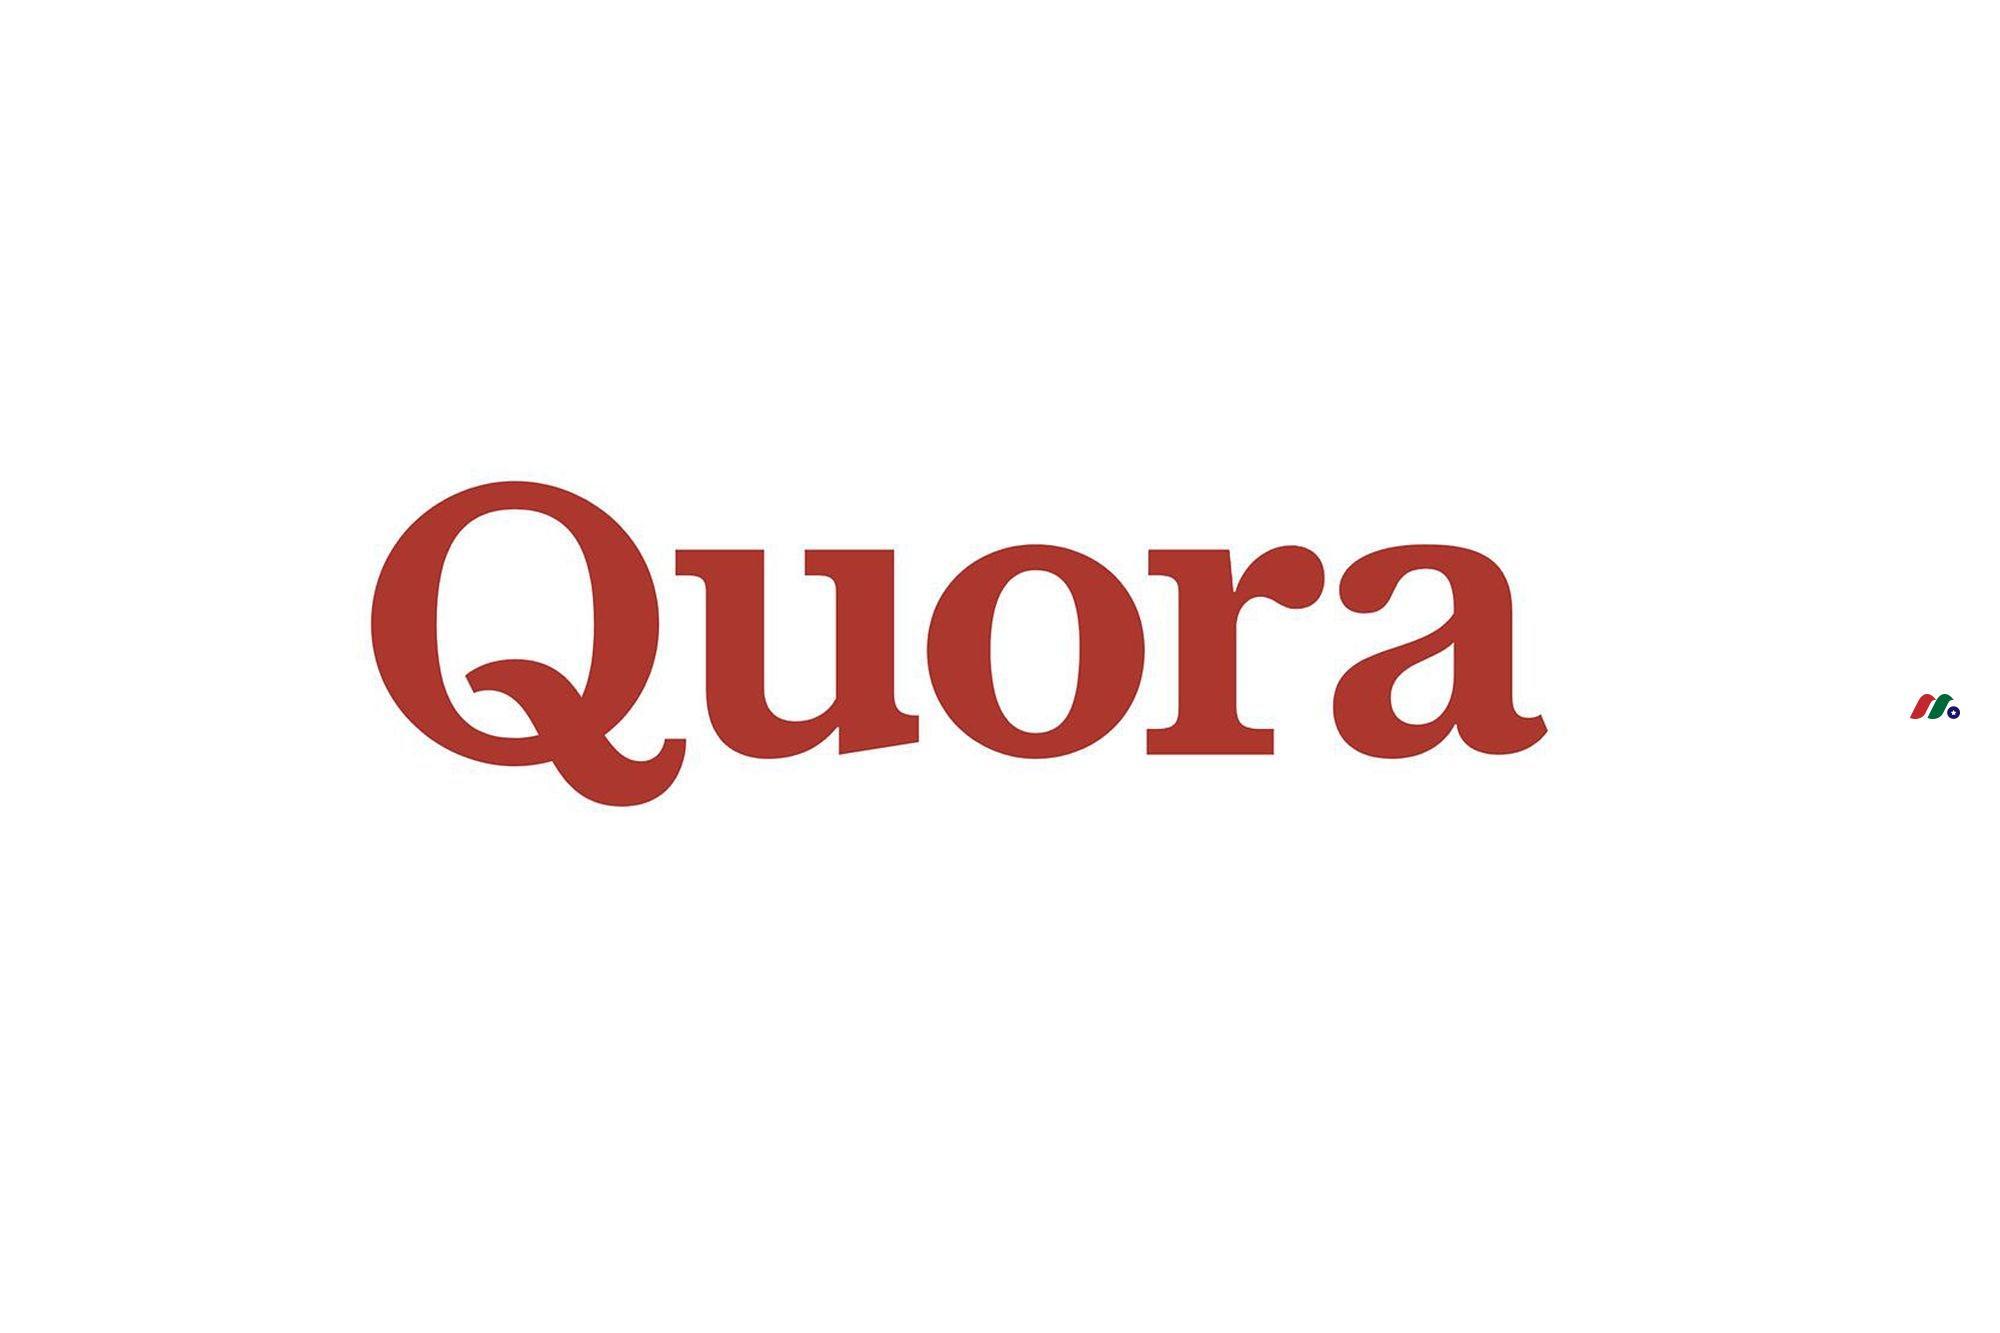 美国在线问答平台:Quora, Inc.